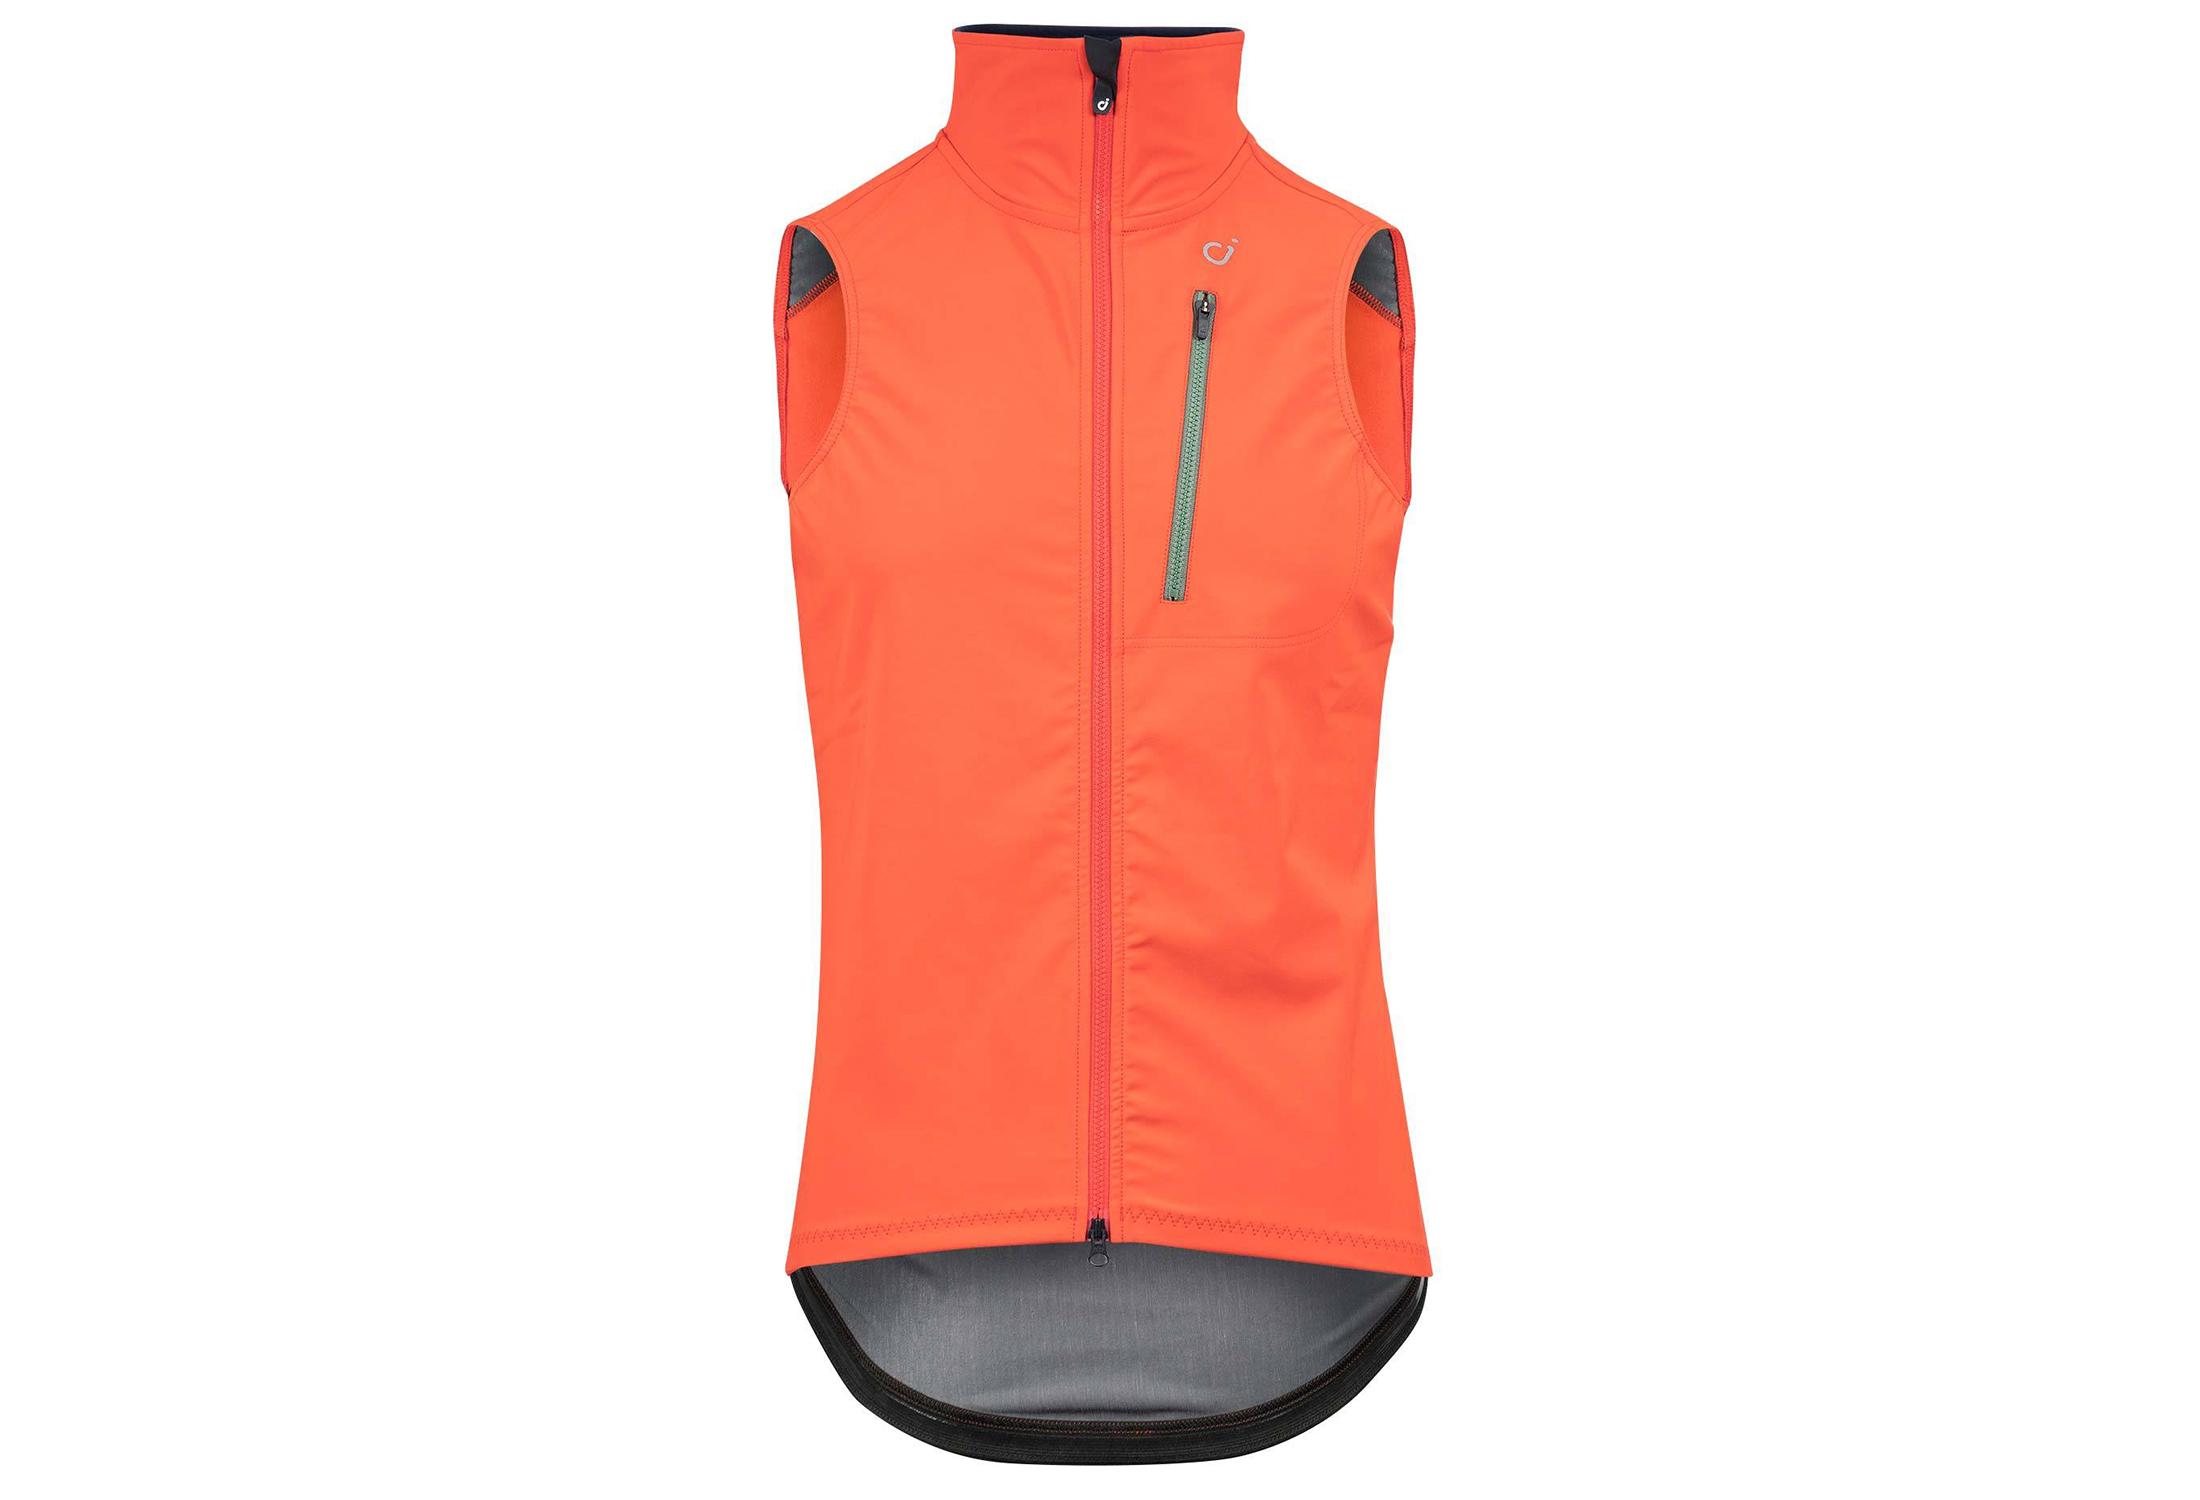 velocio cycling vest